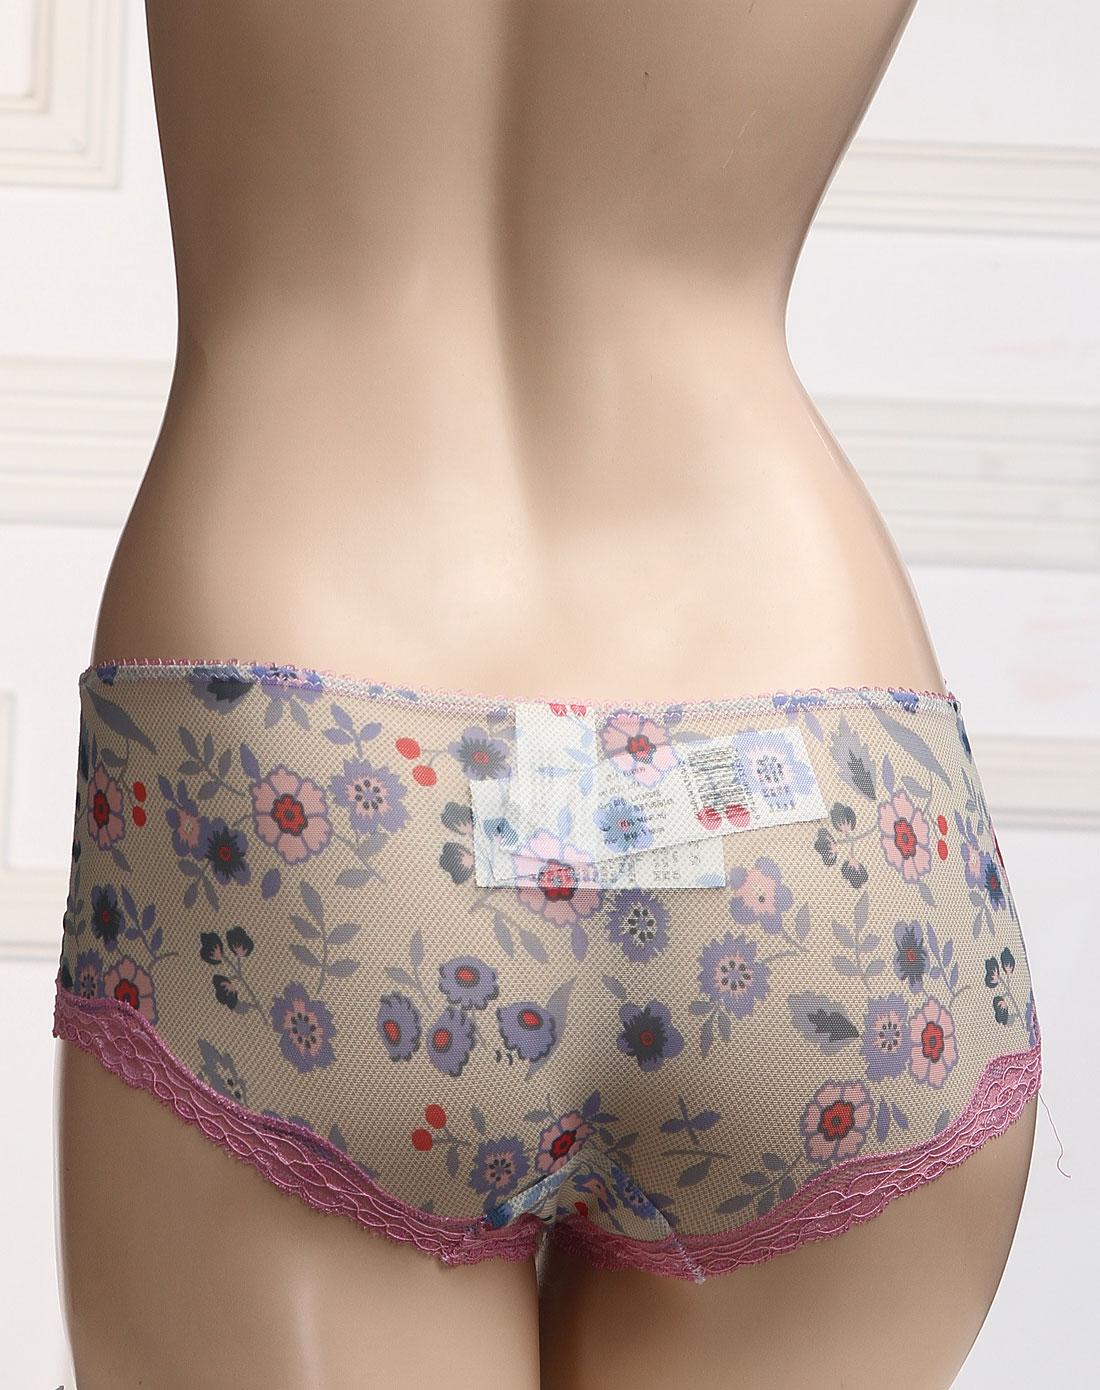 elle-内衣-淡紫/淡黄色蕾丝花纹三角内裤